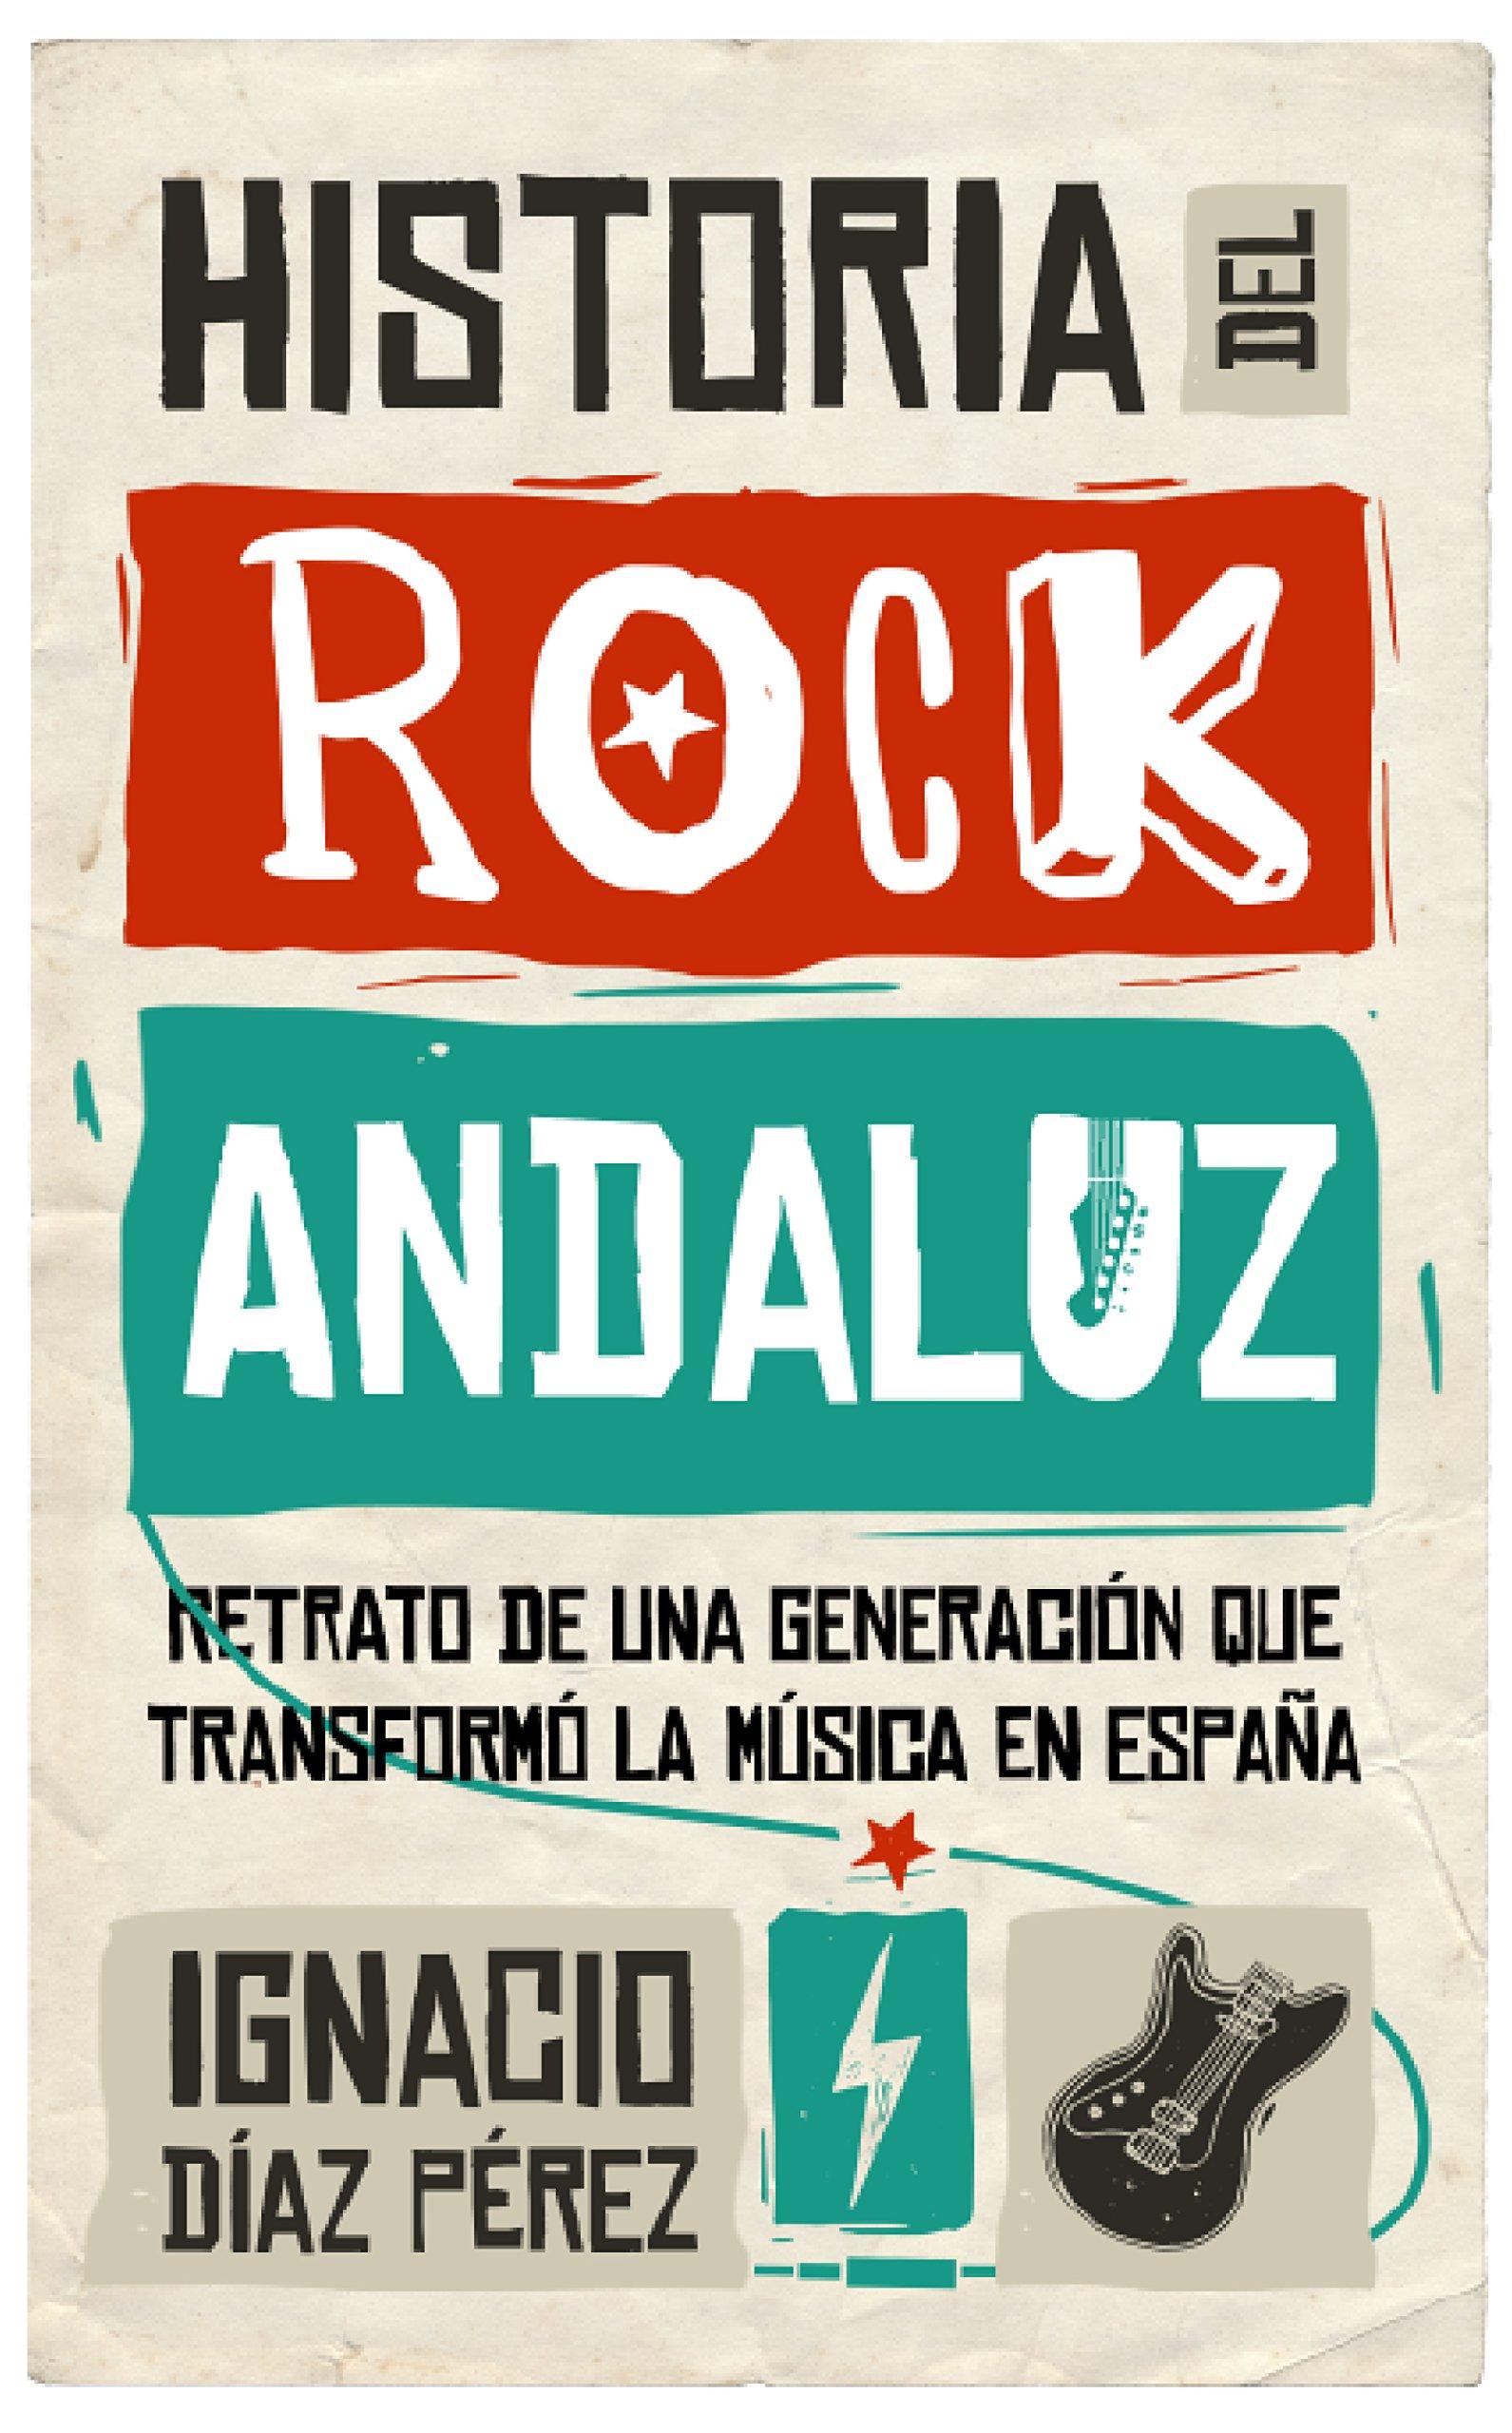 Historia del Rock Andaluz (Memorias y biografías): Amazon.es: Díaz Pérez, Ignacio: Libros